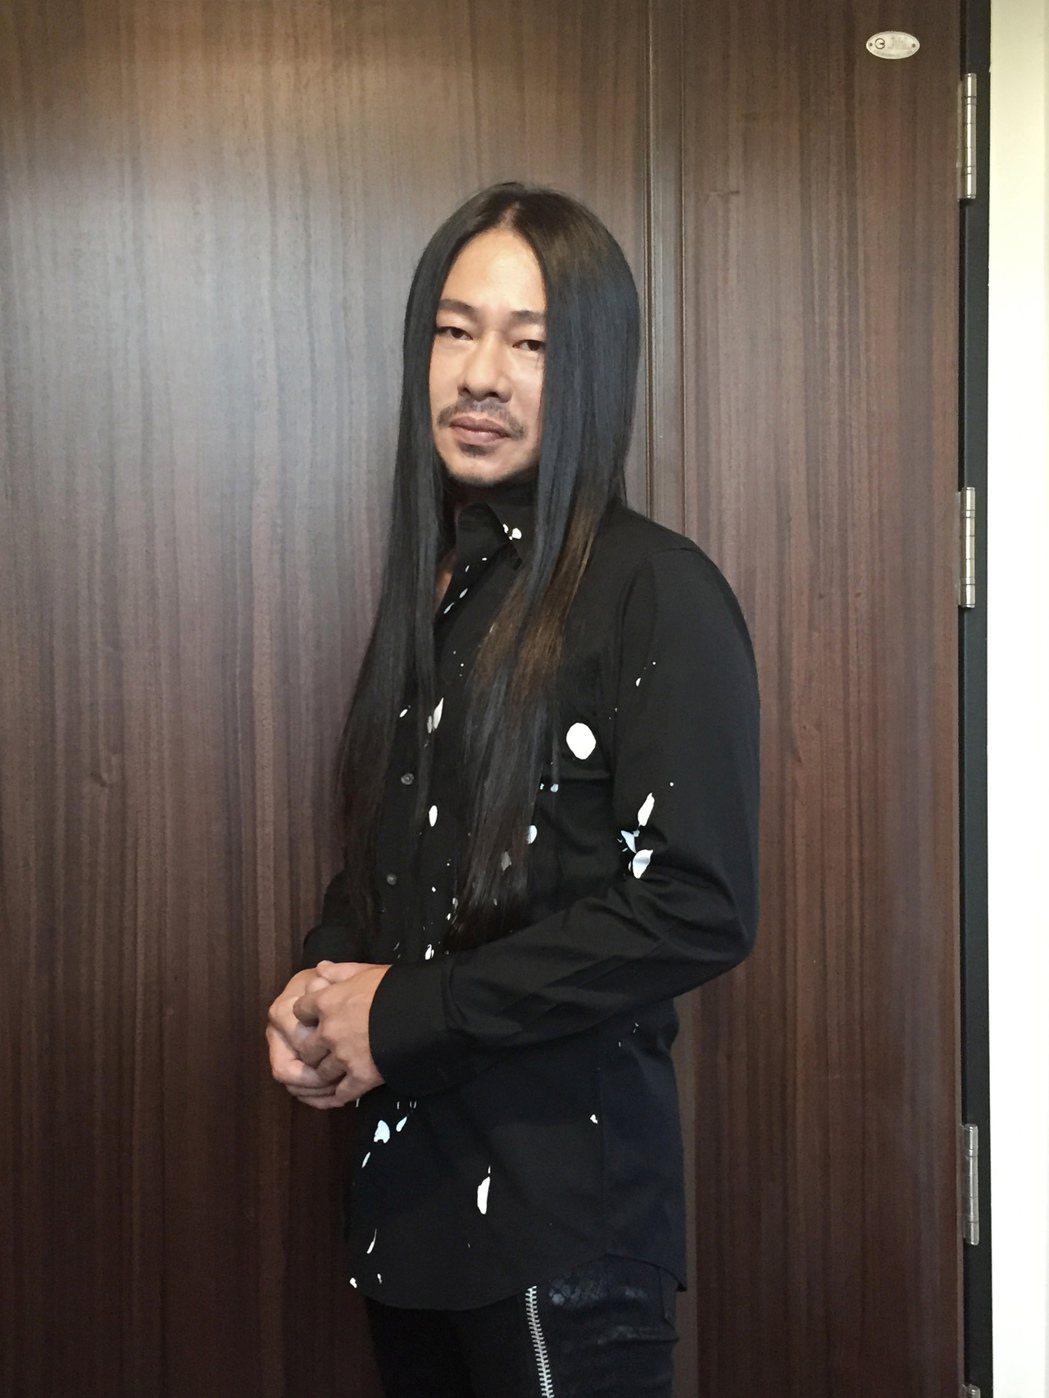 乱彈阿翔擔任全運會開幕典禮表演。圖/相信音樂提供